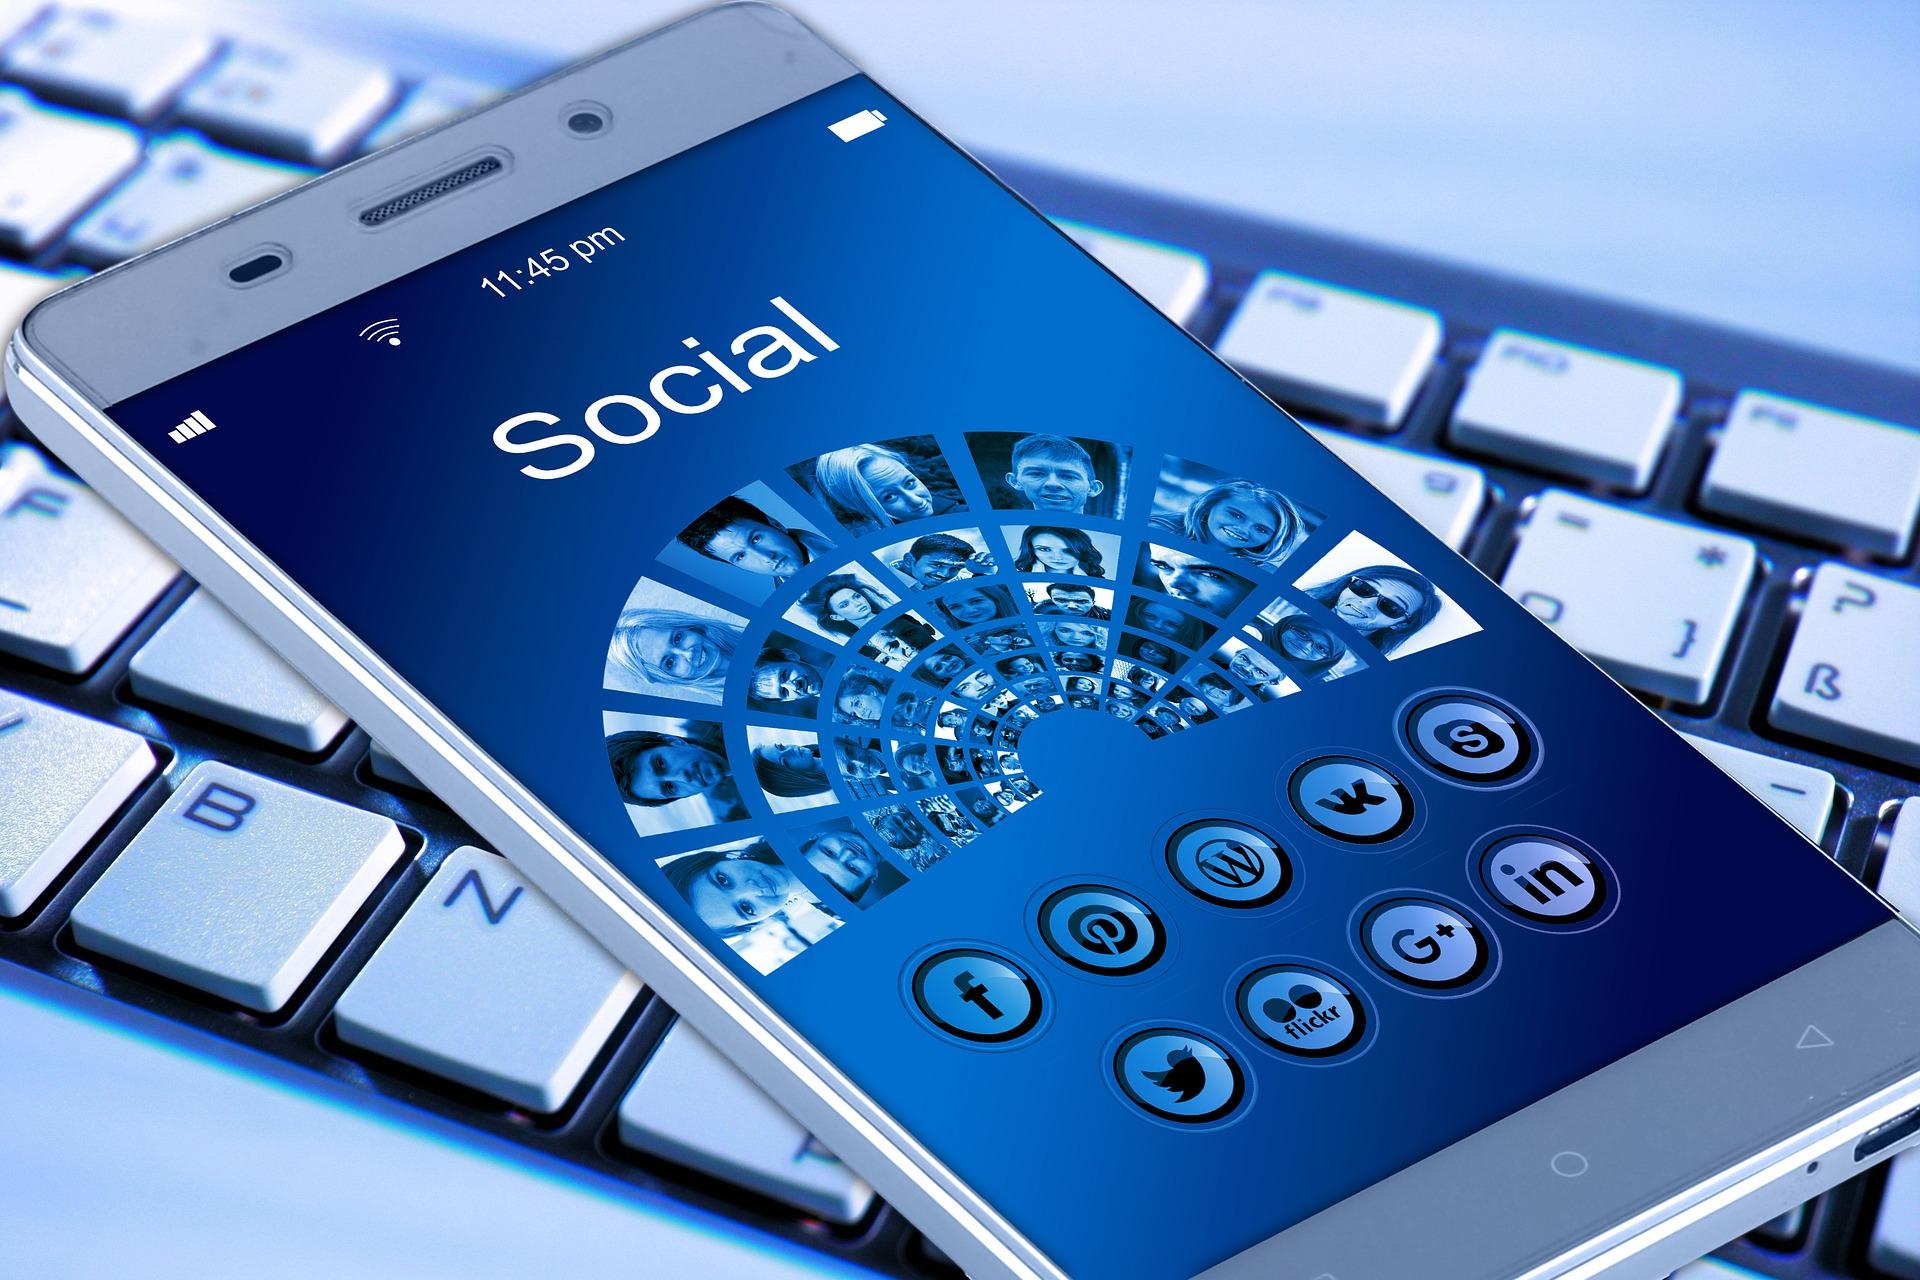 Inbound leads under GDPR: Social media